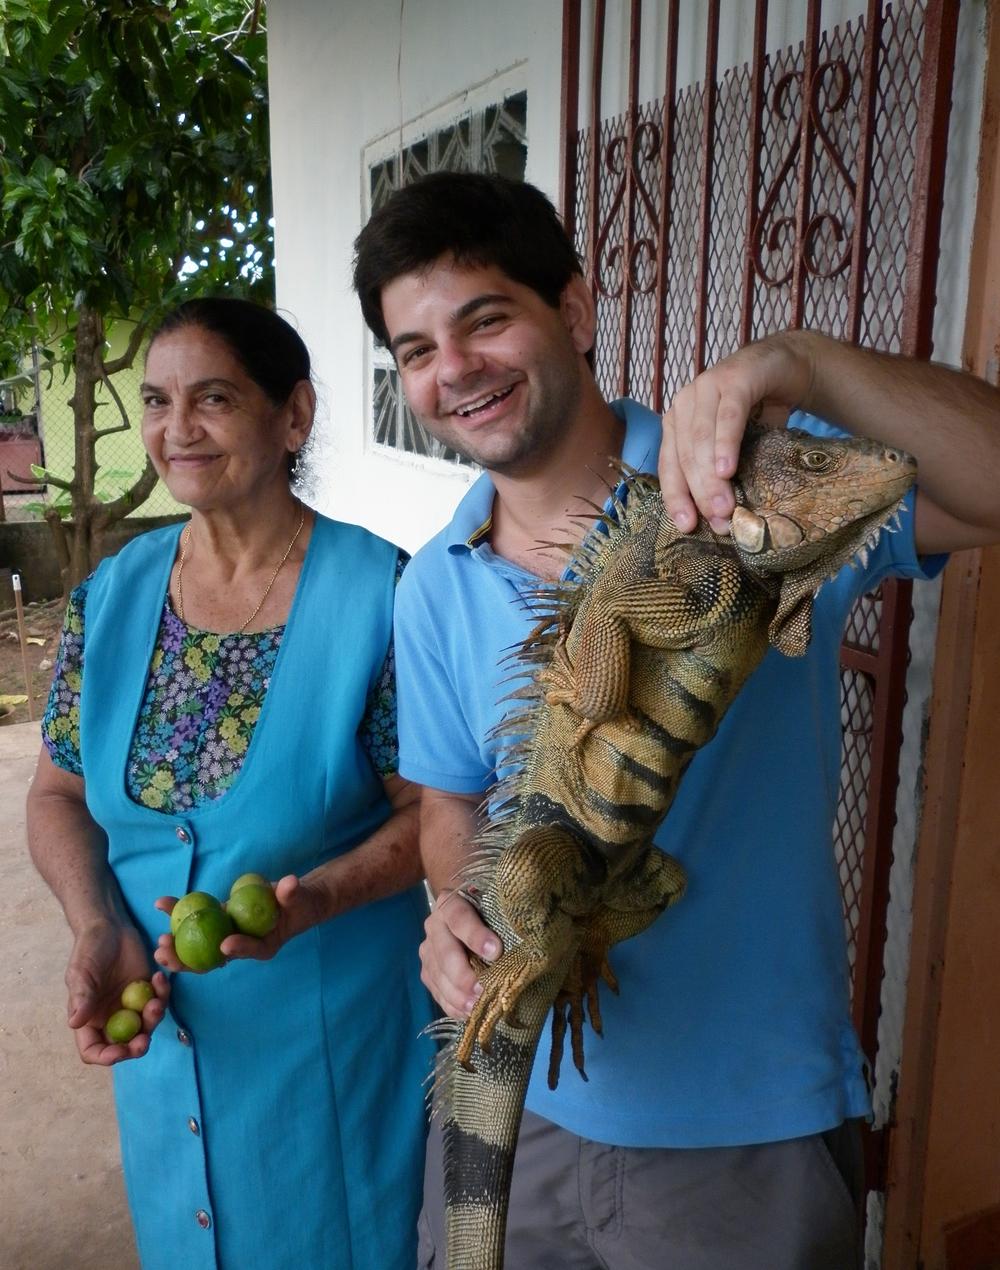 Juste avant que l'abuela me fasse remarquer que l'iguane est viivant.